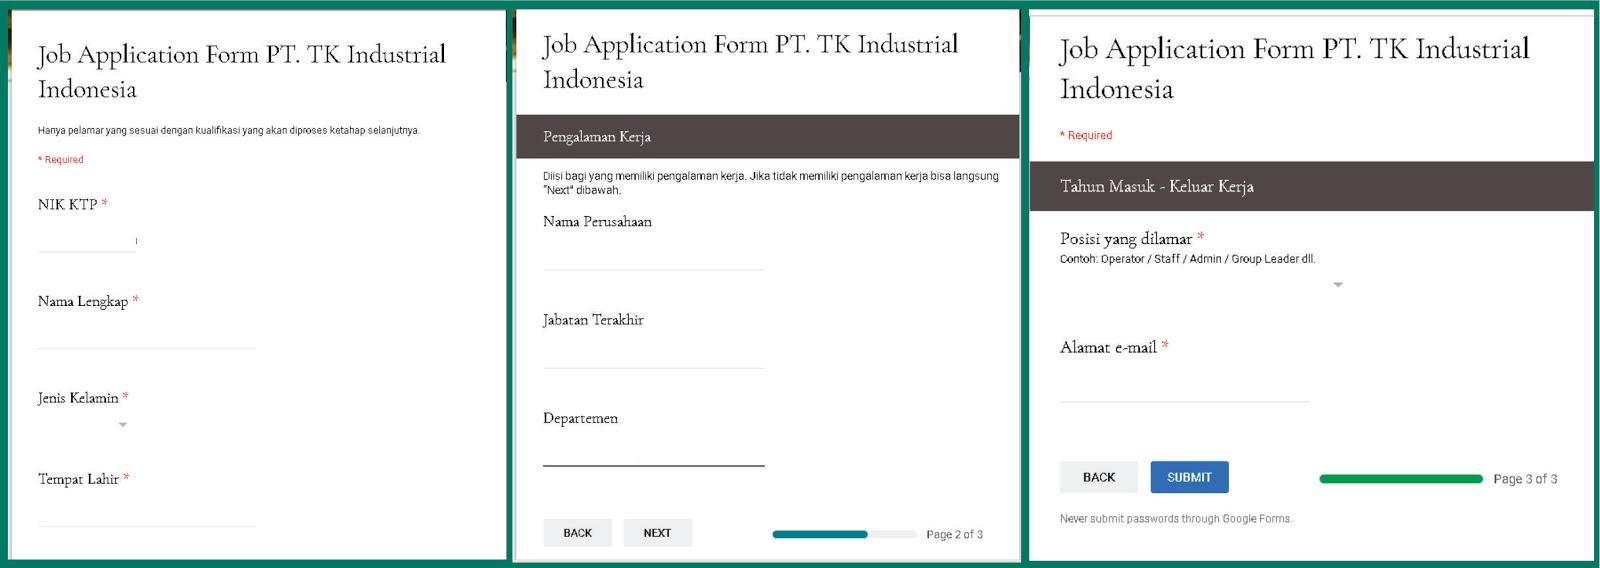 Cara Melamar Ke Pt Tk Industrial Indonesia Taekwang